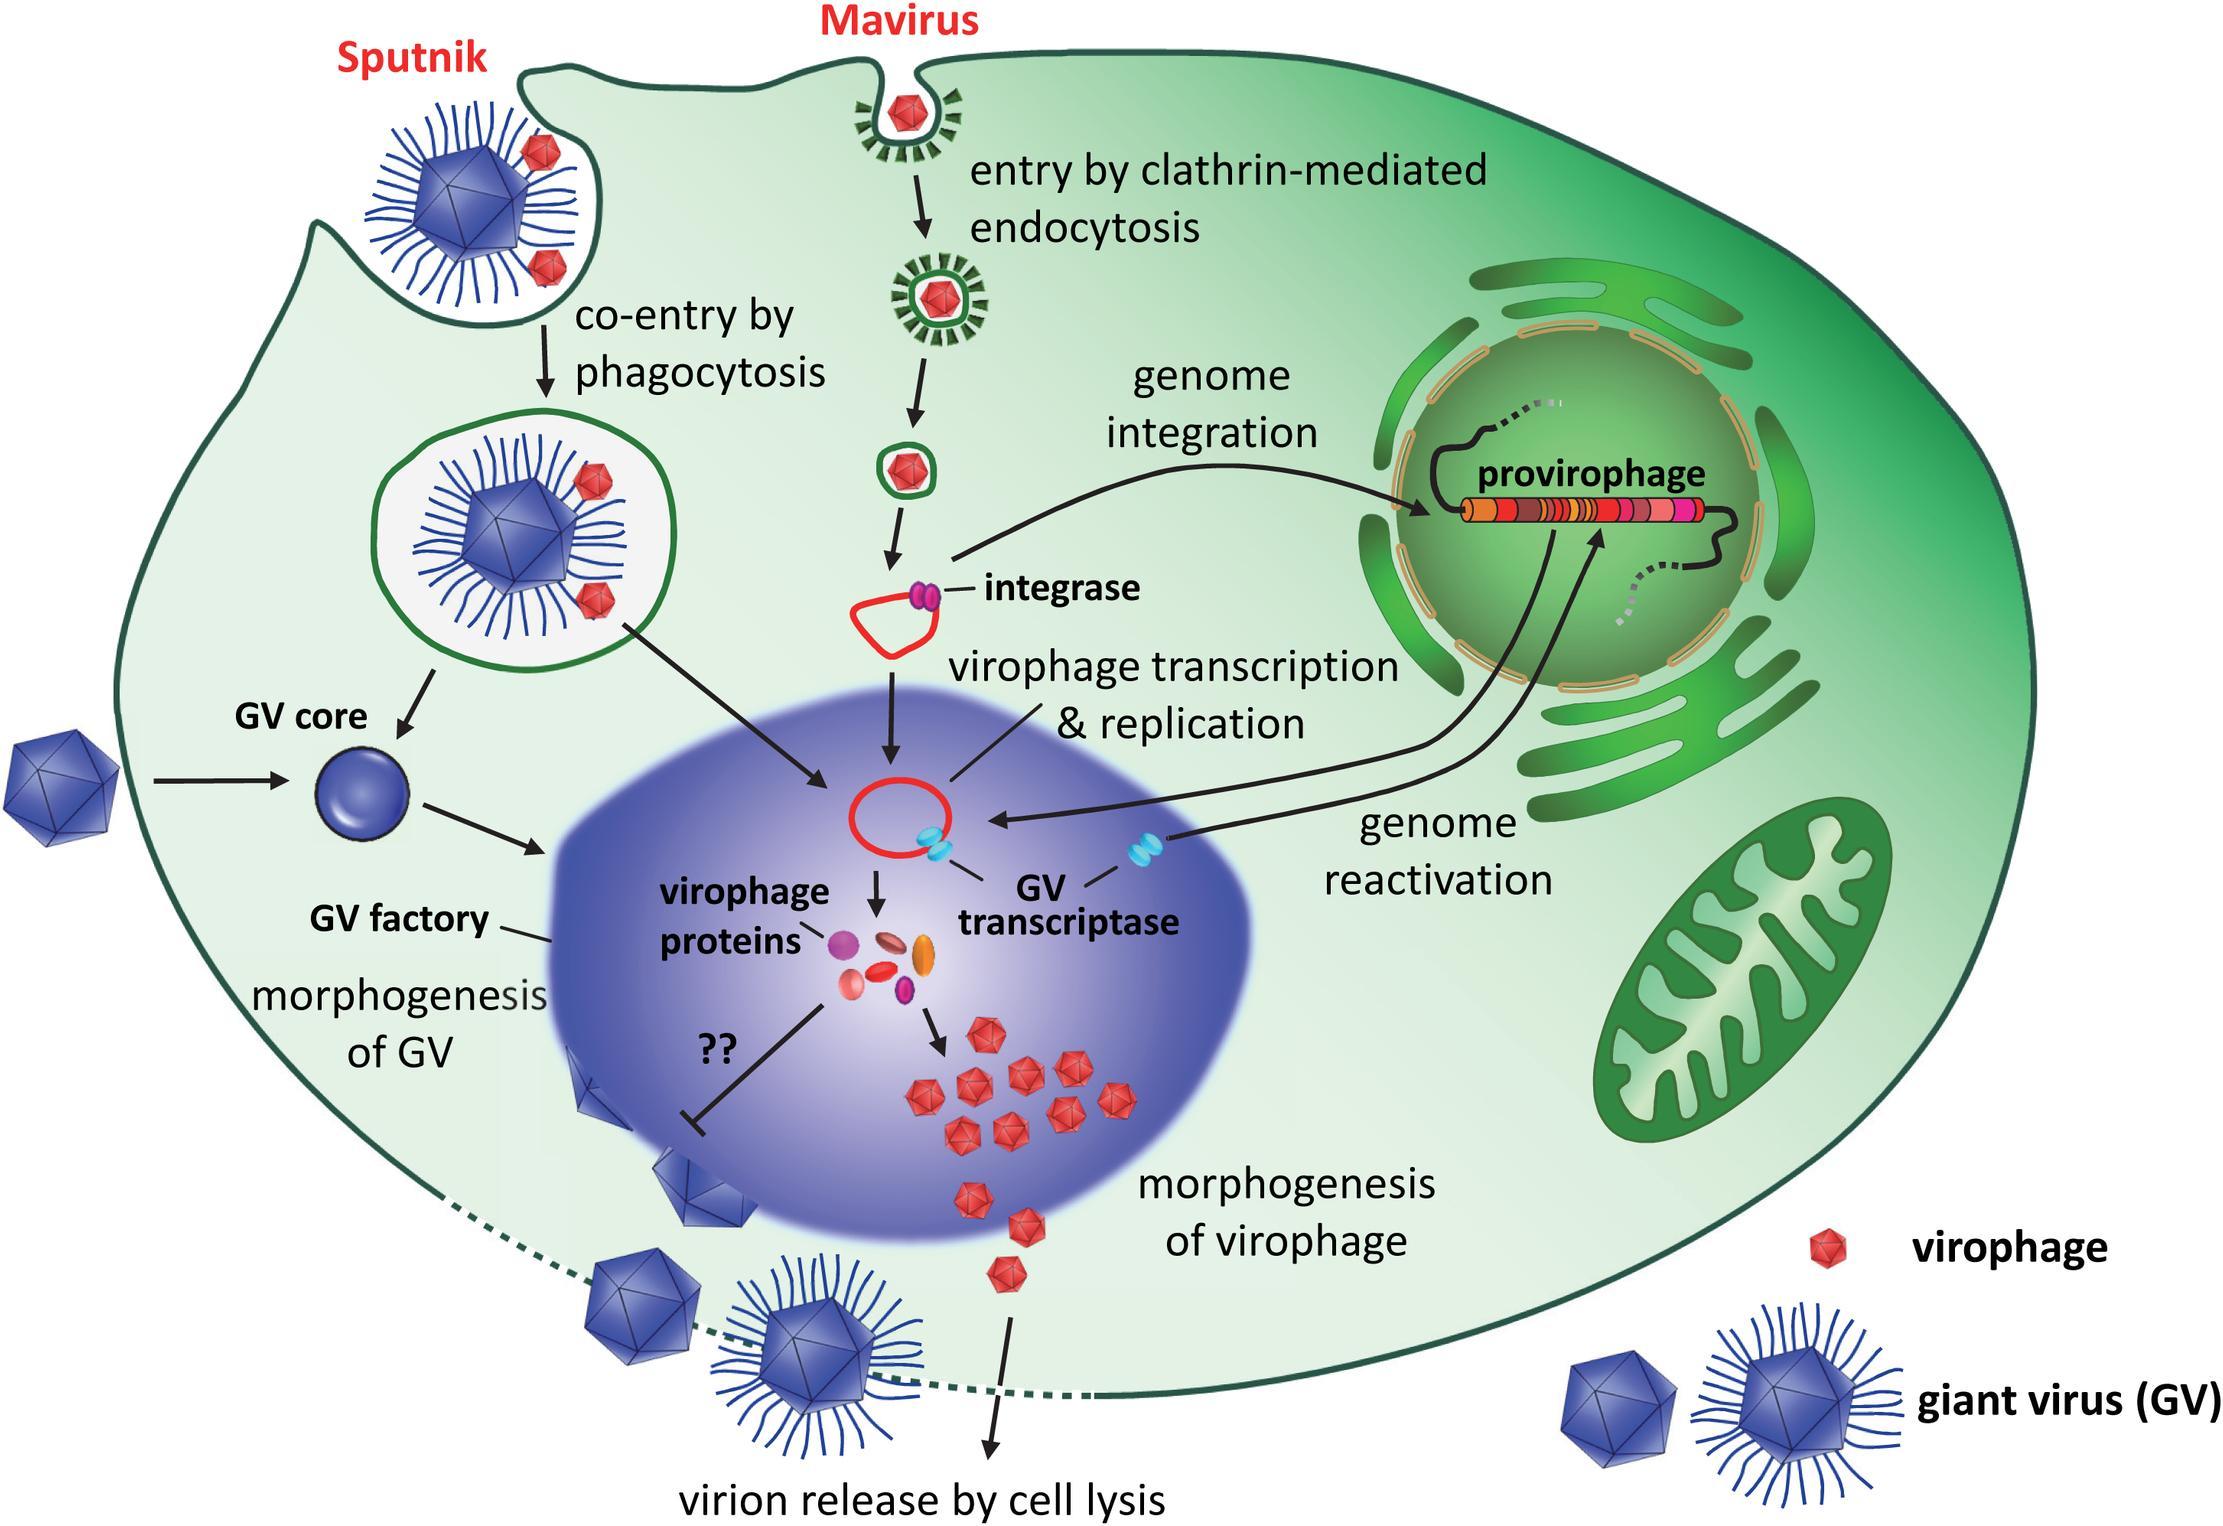 У гигантских вирусов нашли антивирусную систему